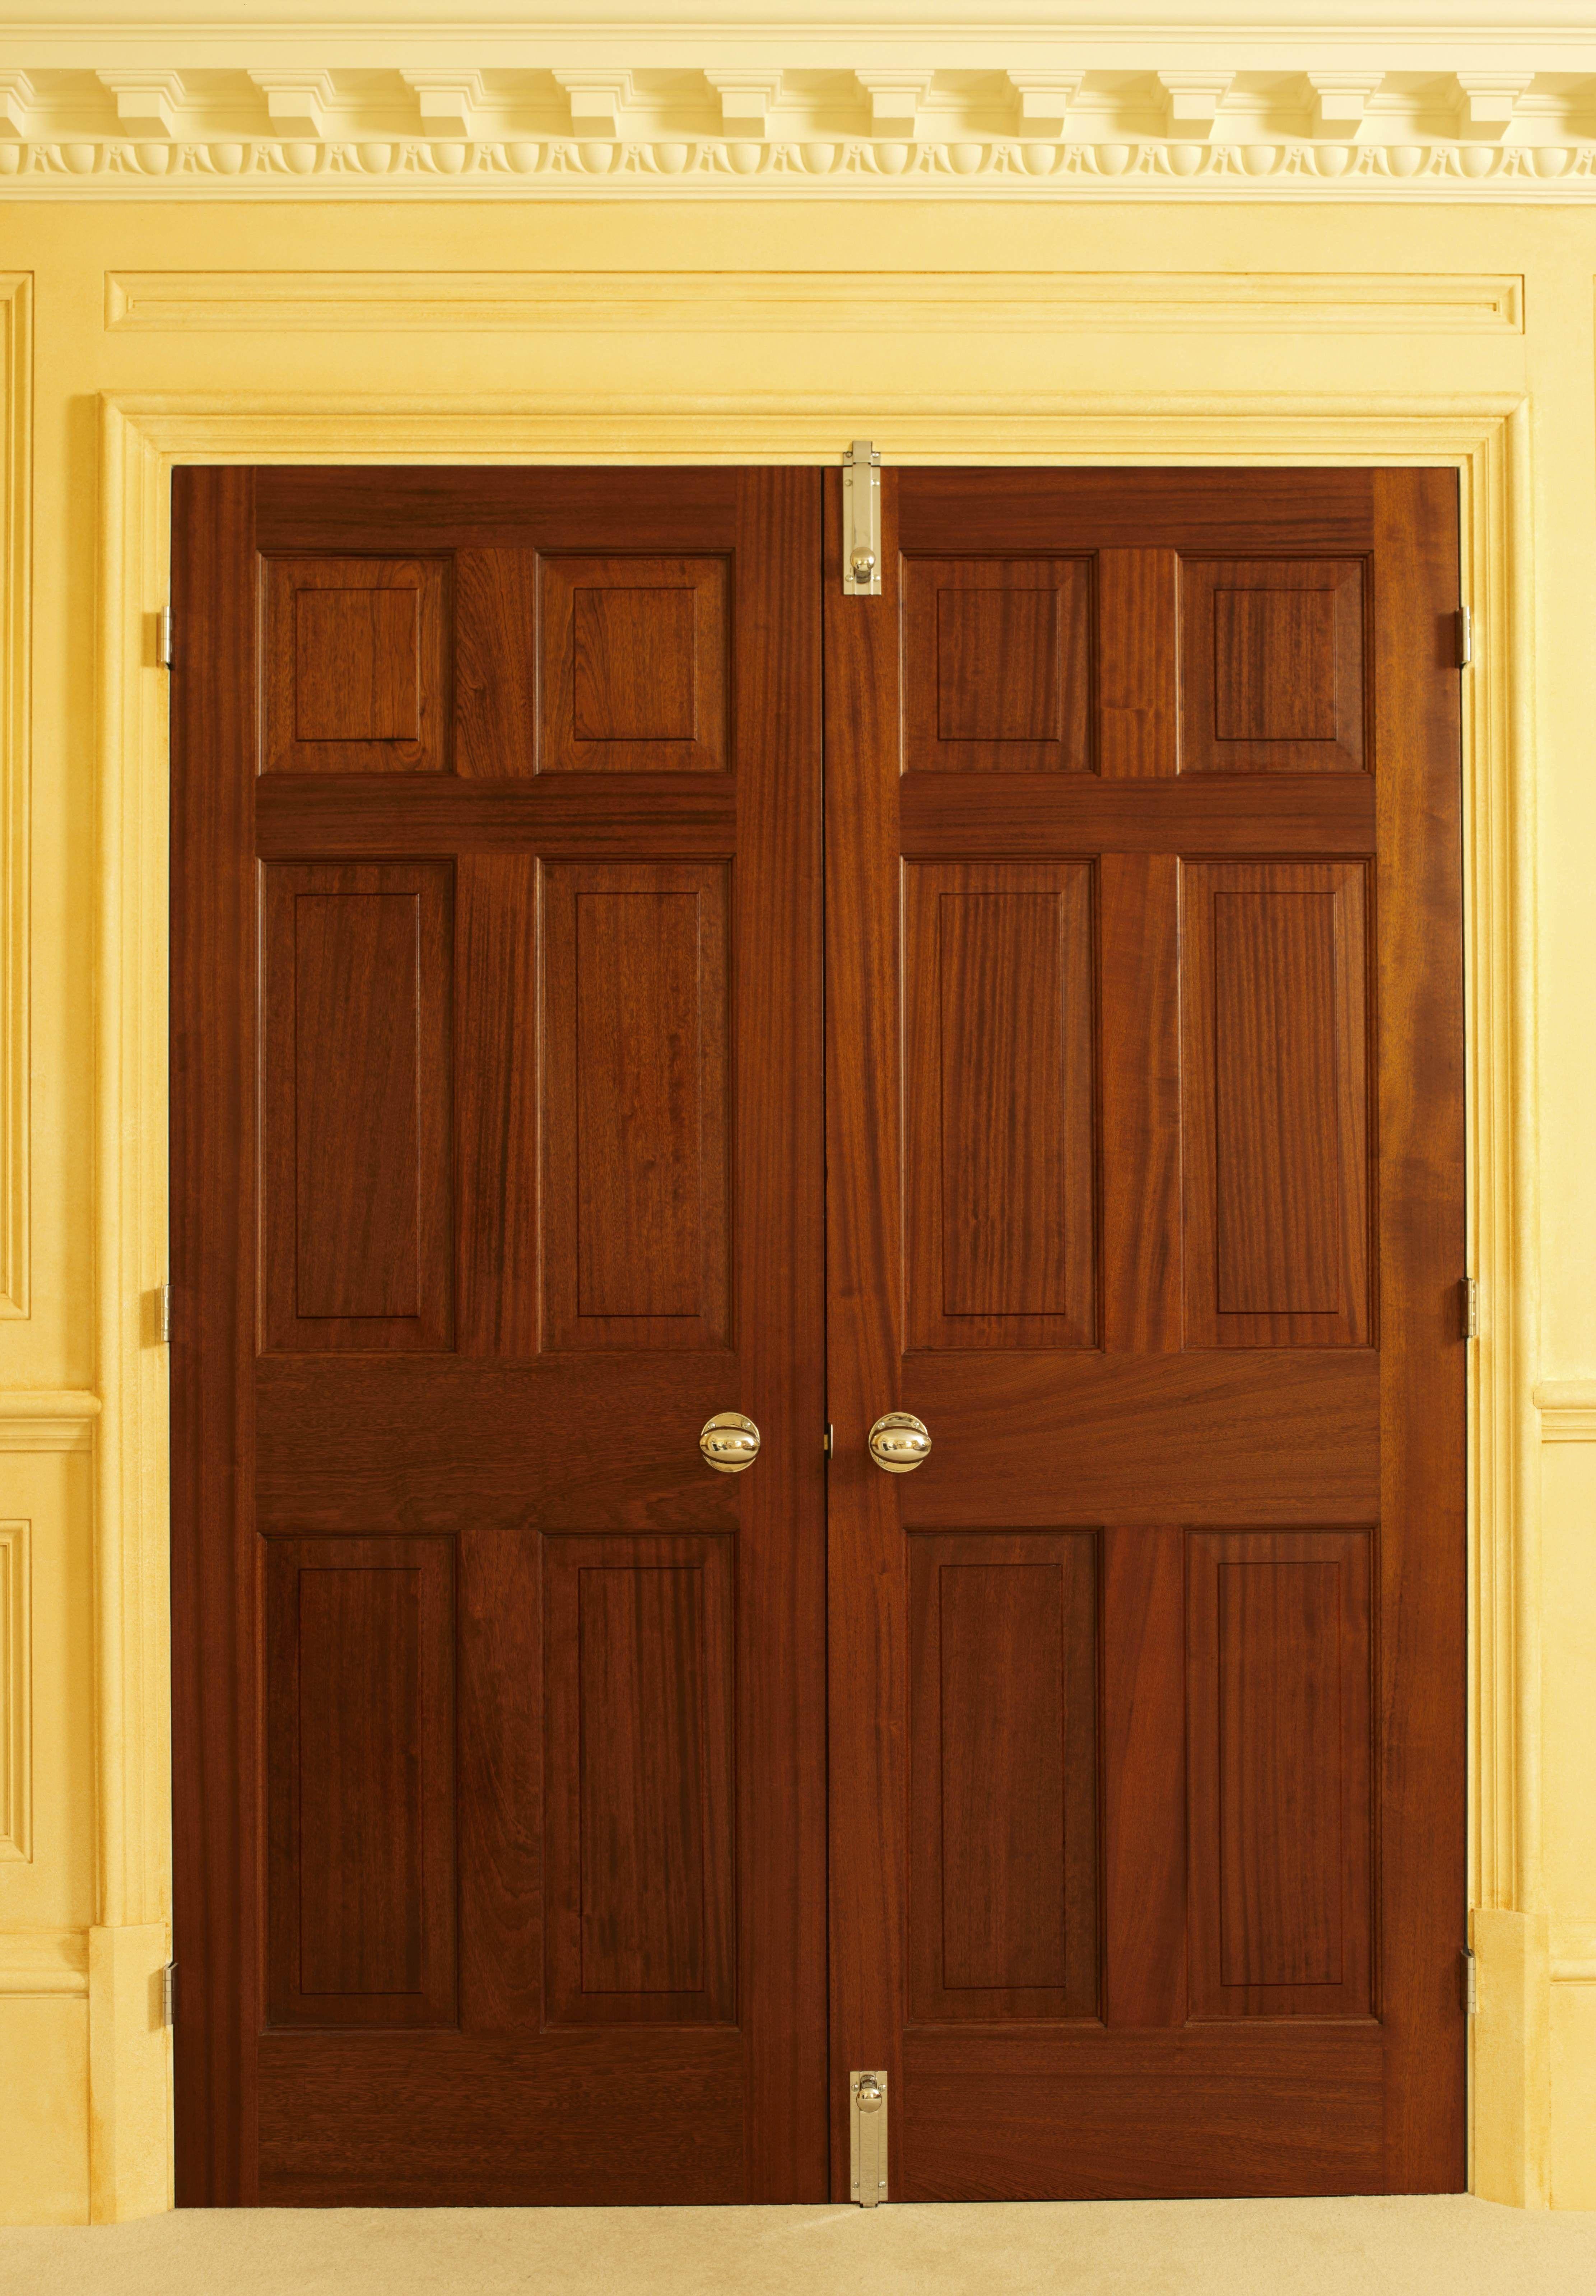 Bonham Bonham 6 Panel Door Door Design 6 Panel Doors Wood Doors